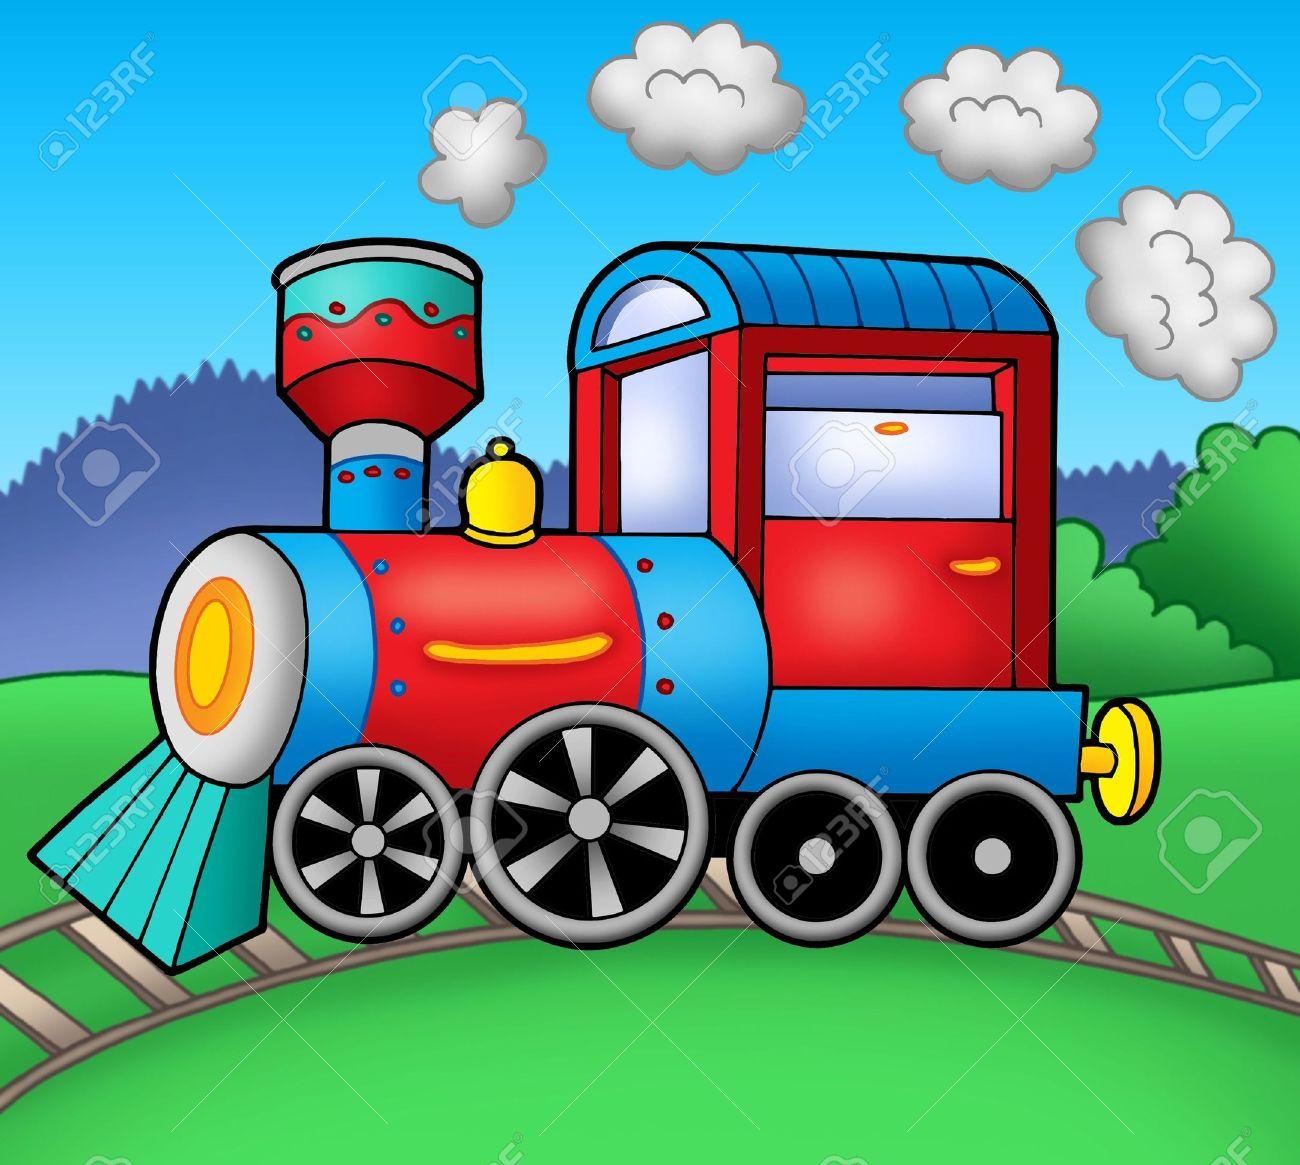 Locomotive A Vapeur Sur Les Rails Couleur Illustration Banque D